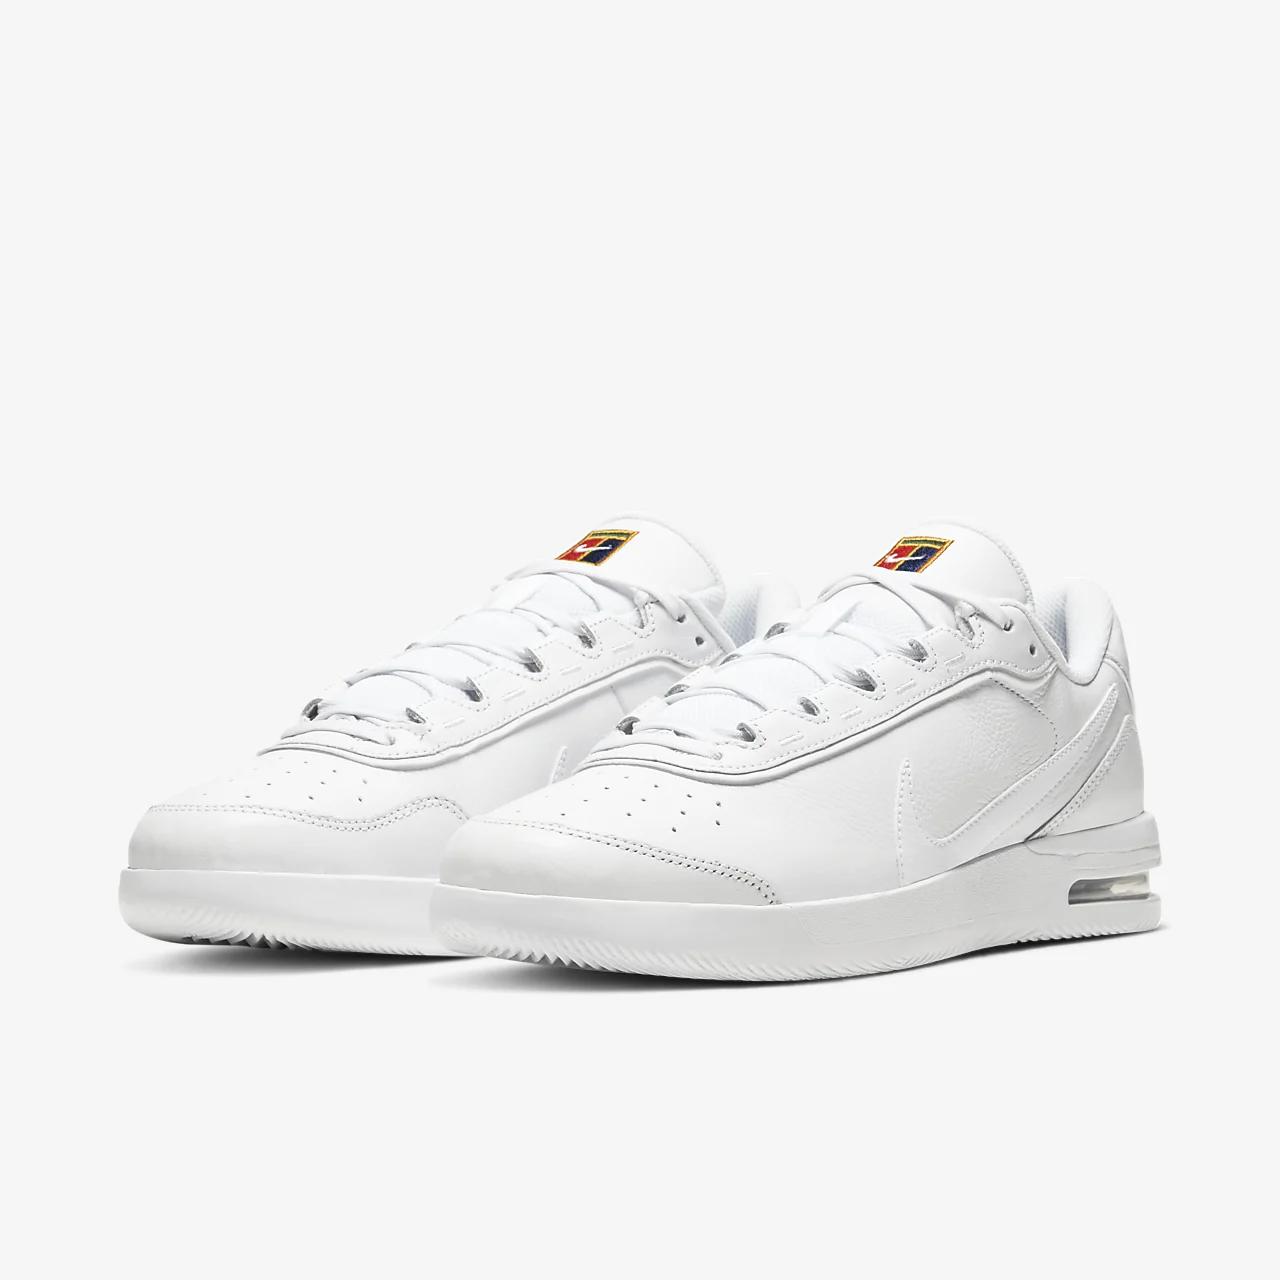 유럽직배송 나이키 NIKE NikeCourt Air Max Vapor Wing Premium Men's Tennis Shoe CT3890-100